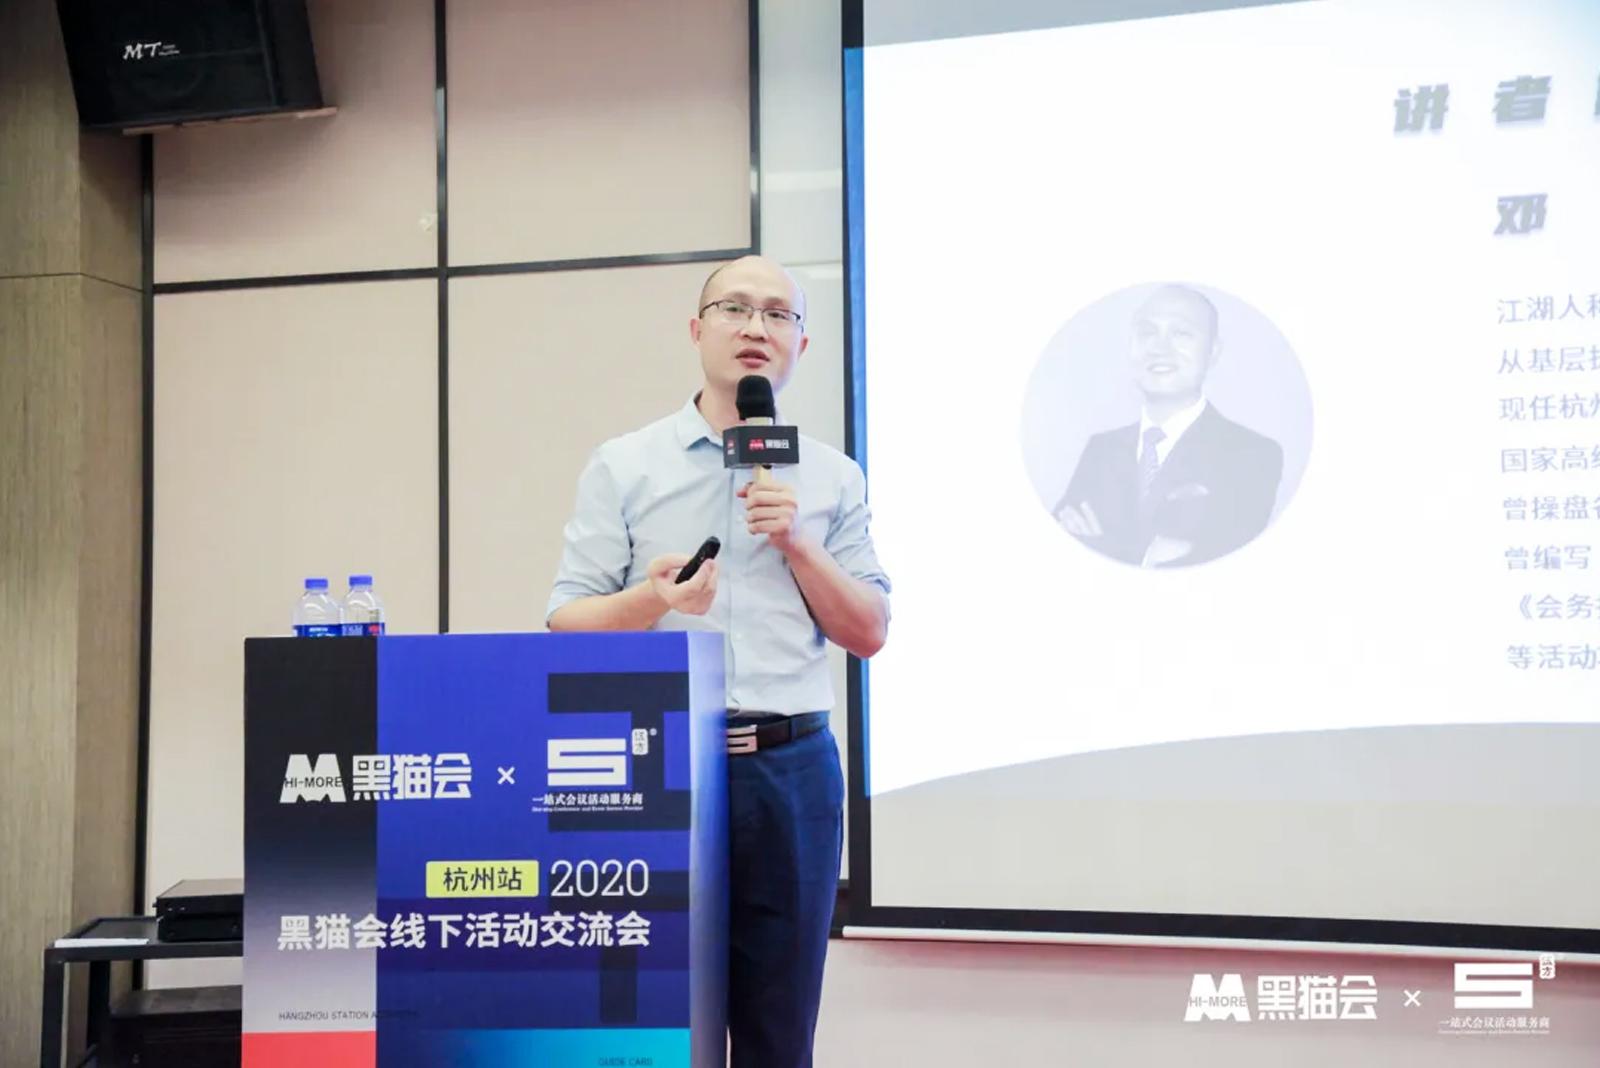 黑猫会+伍方会议线下交流会杭州站